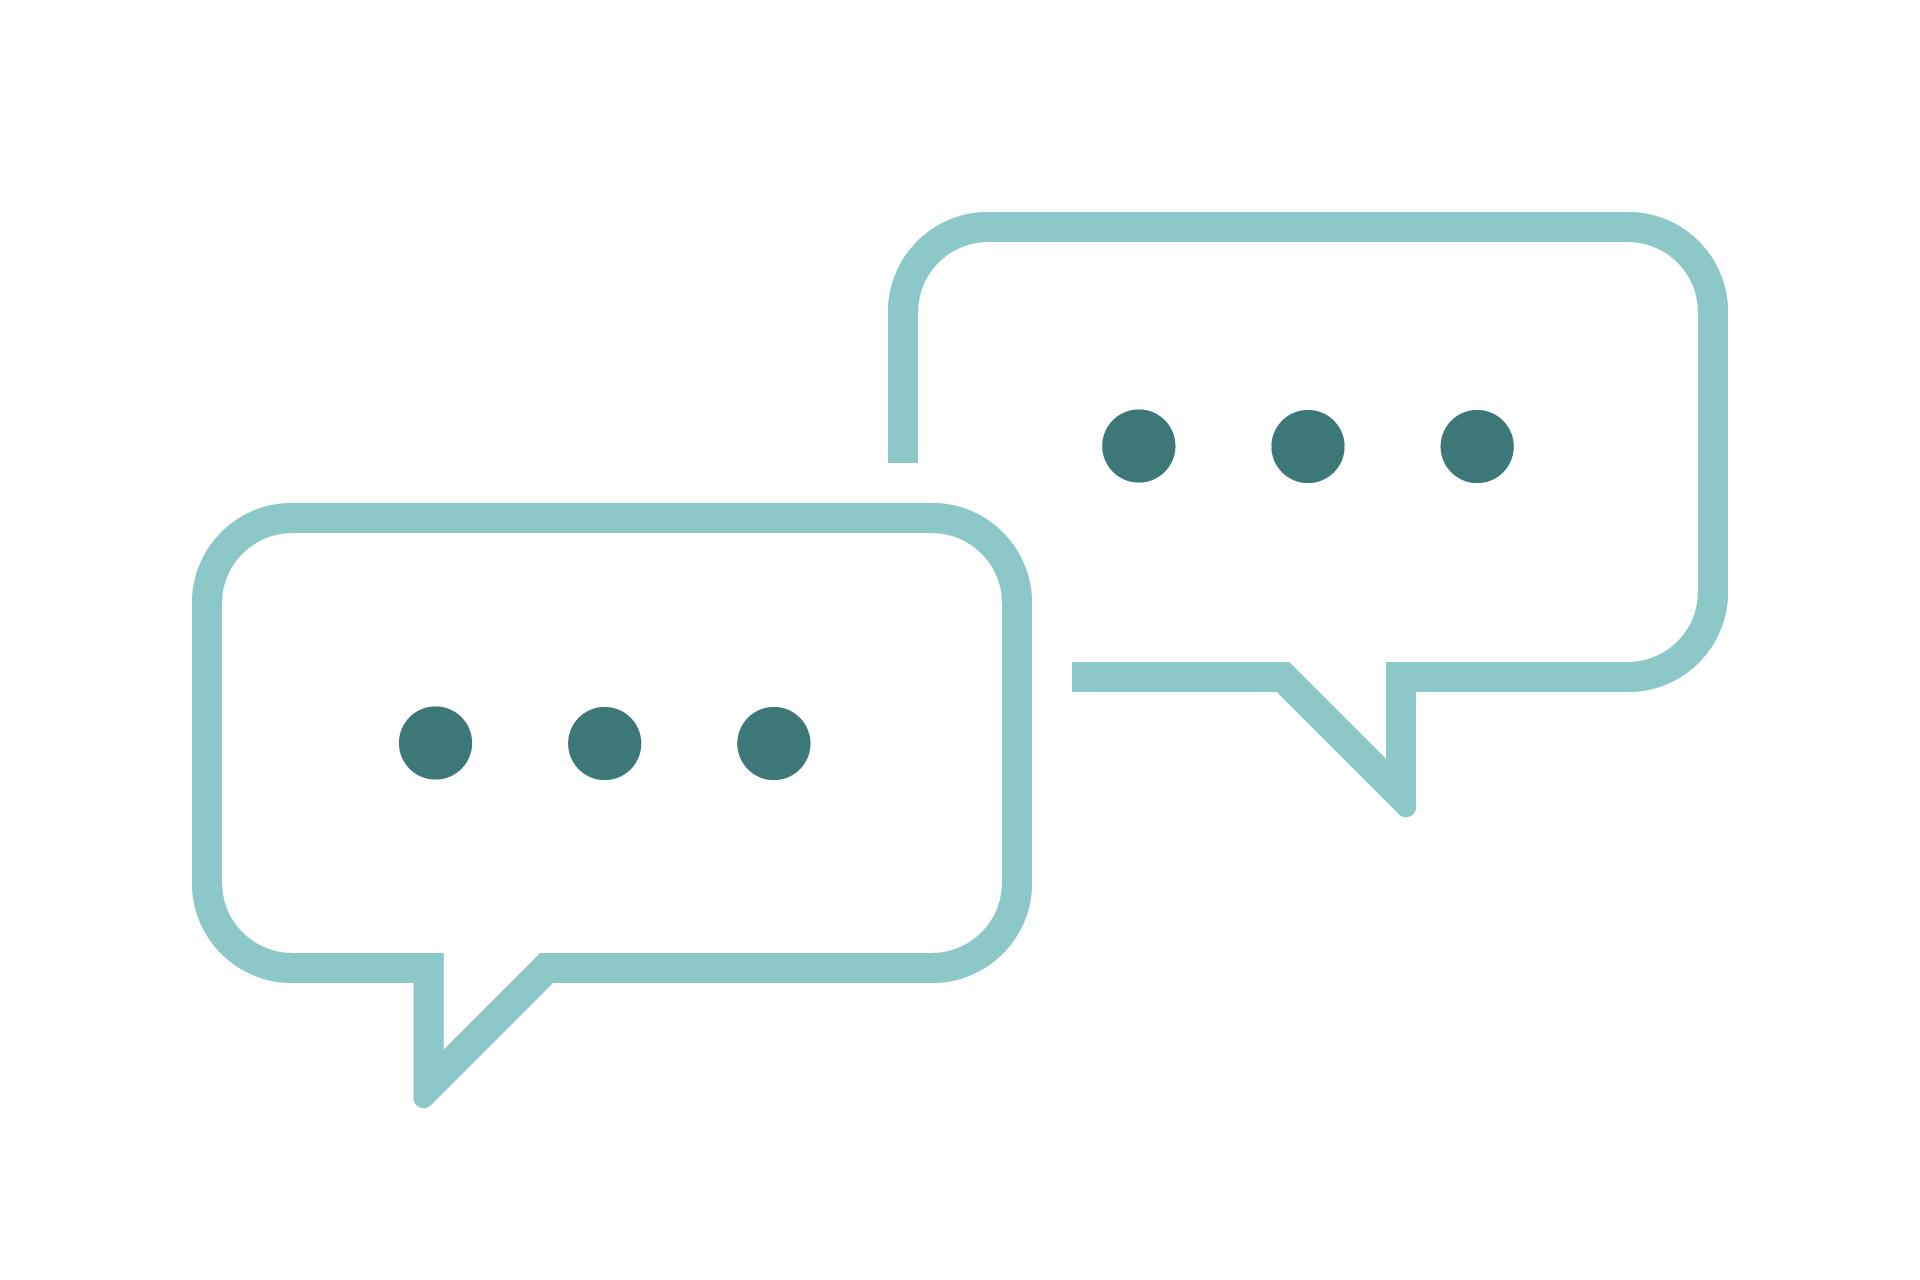 Dialog bildet die Grundlage zur Bedarfsanalyse